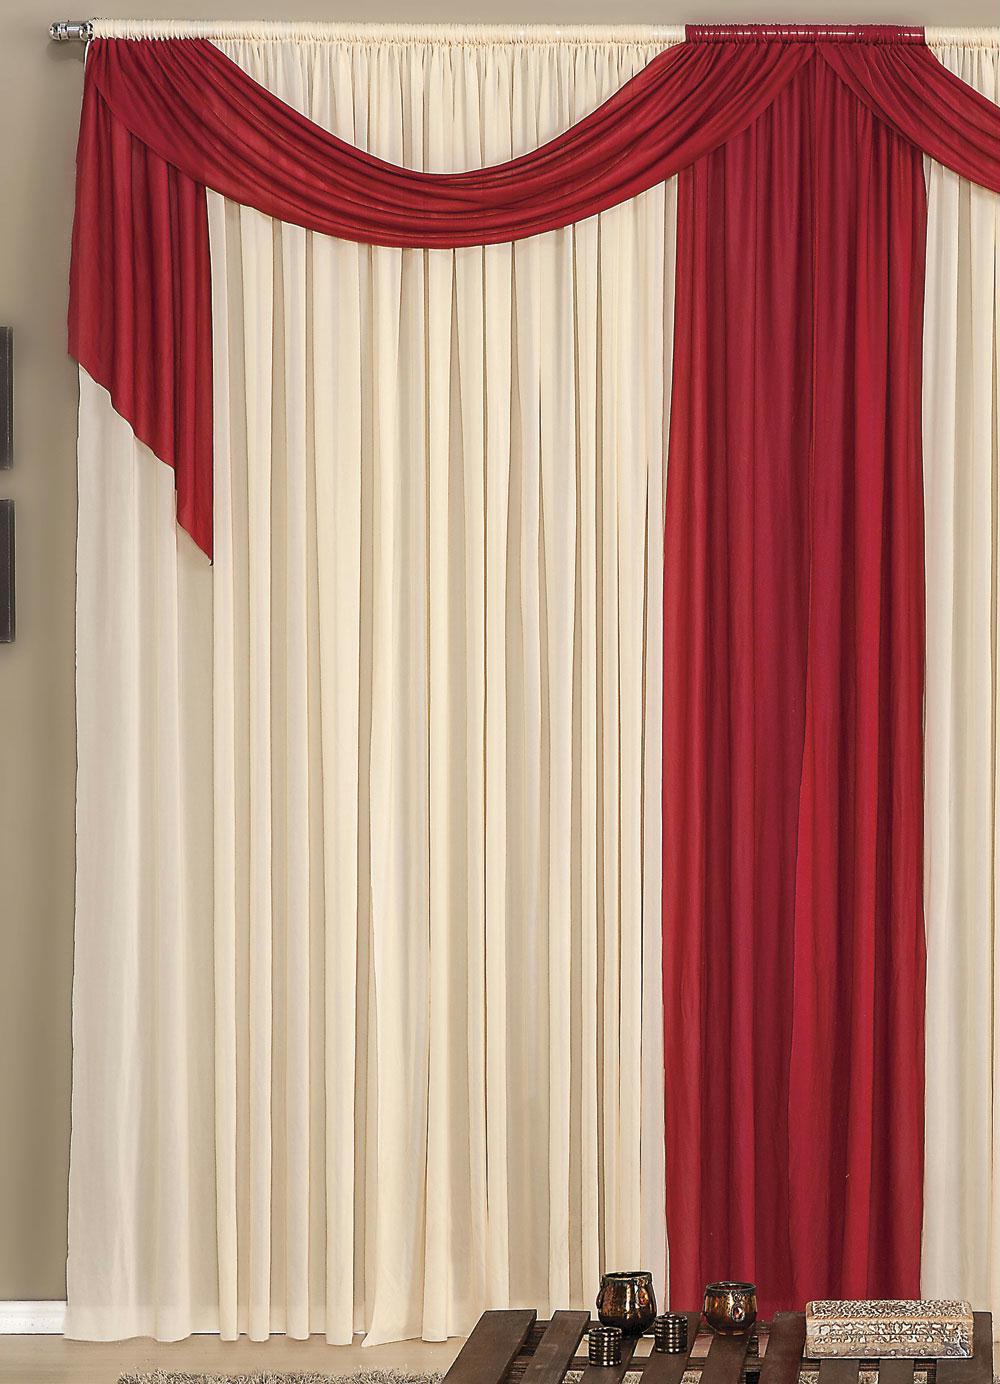 Cortina Com Band Vermelha E Bege 300 X 230 Cm Lar Lazer